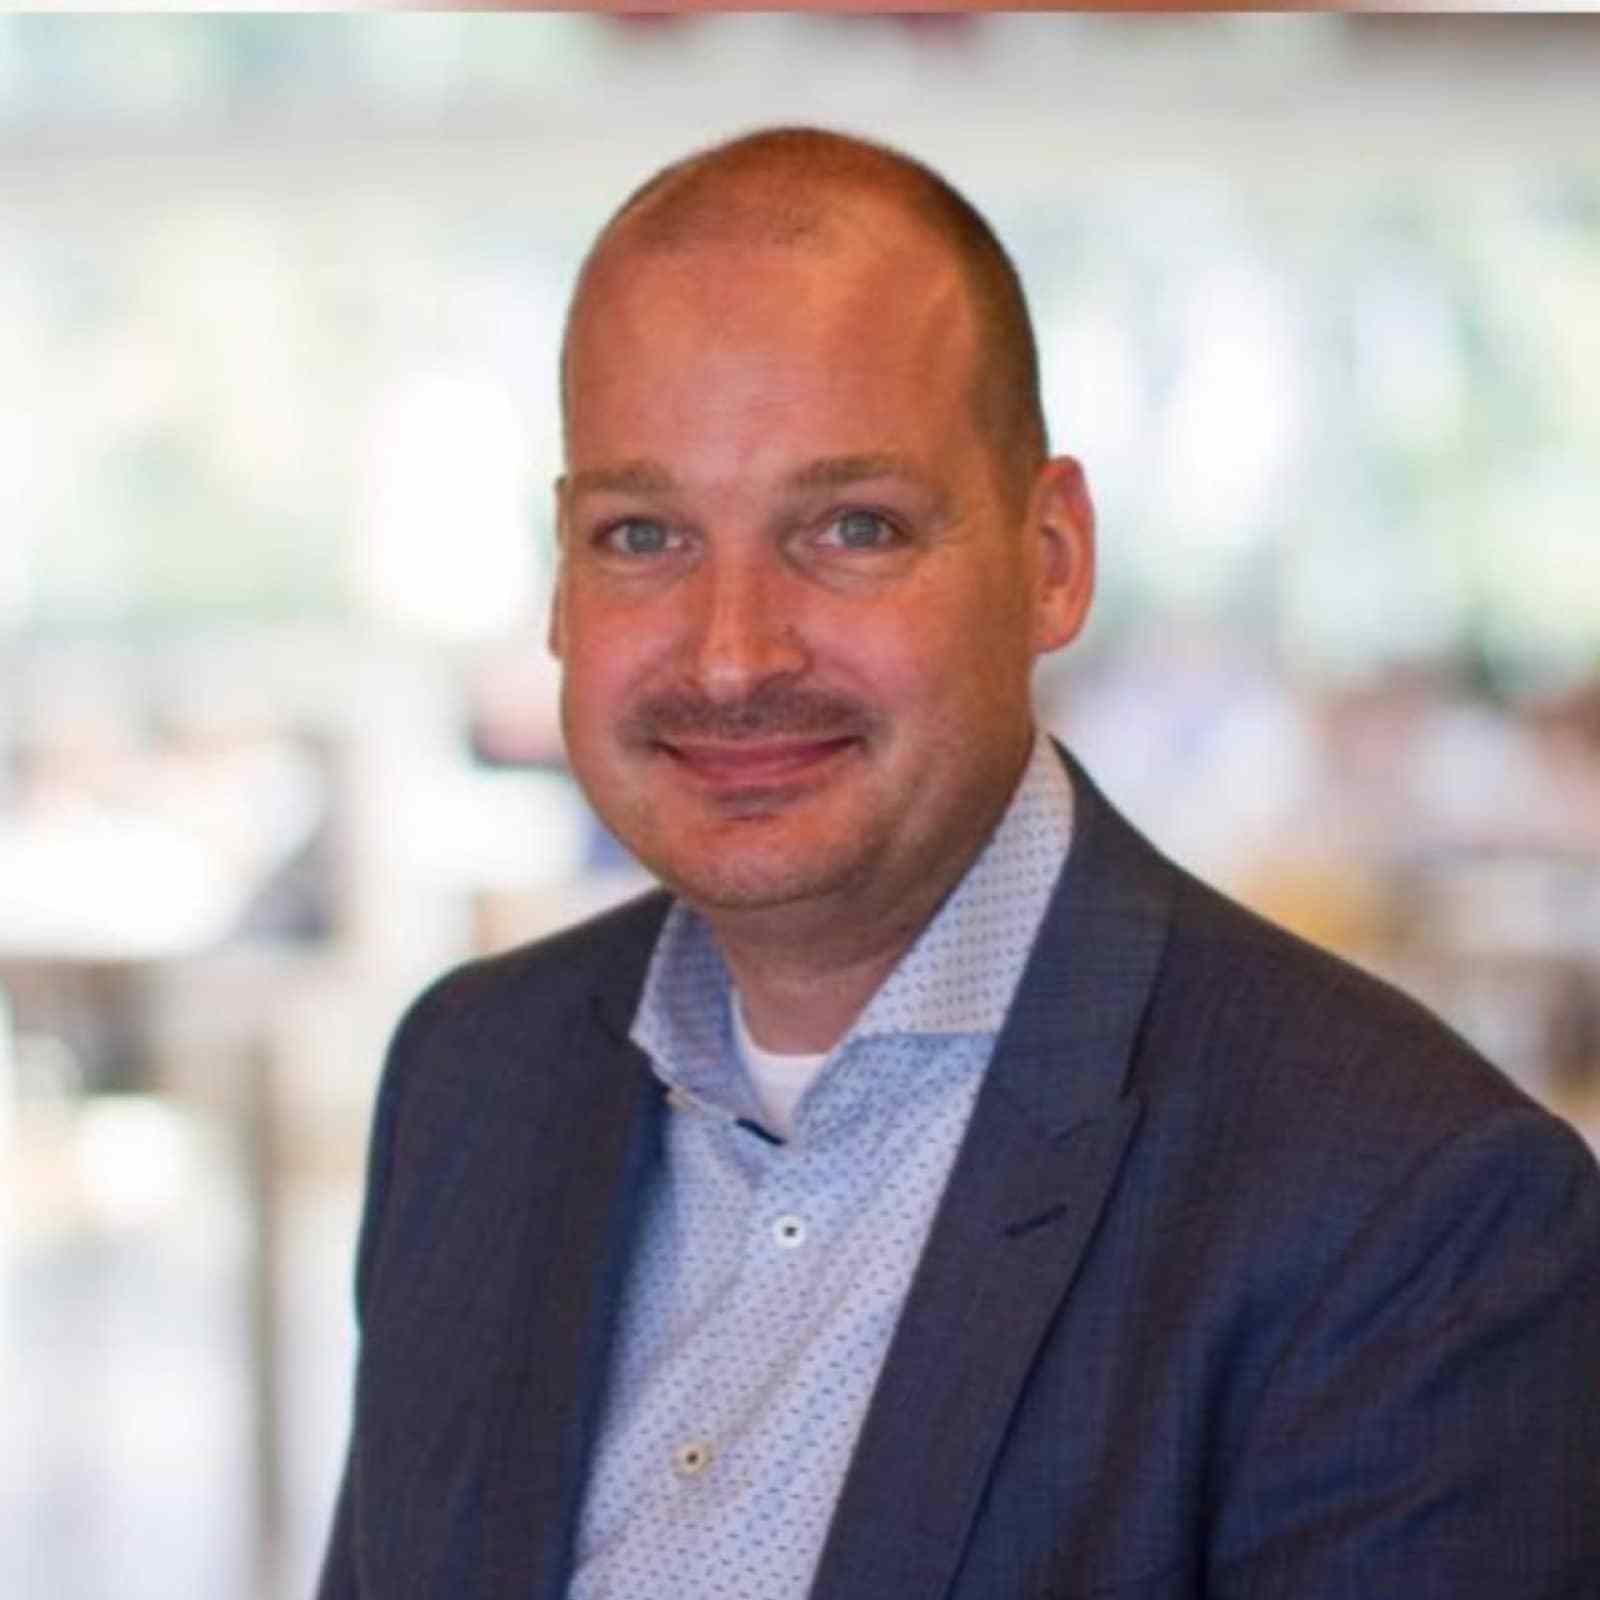 Dirk van den Bosch - Fiscalist in Oisterwijk